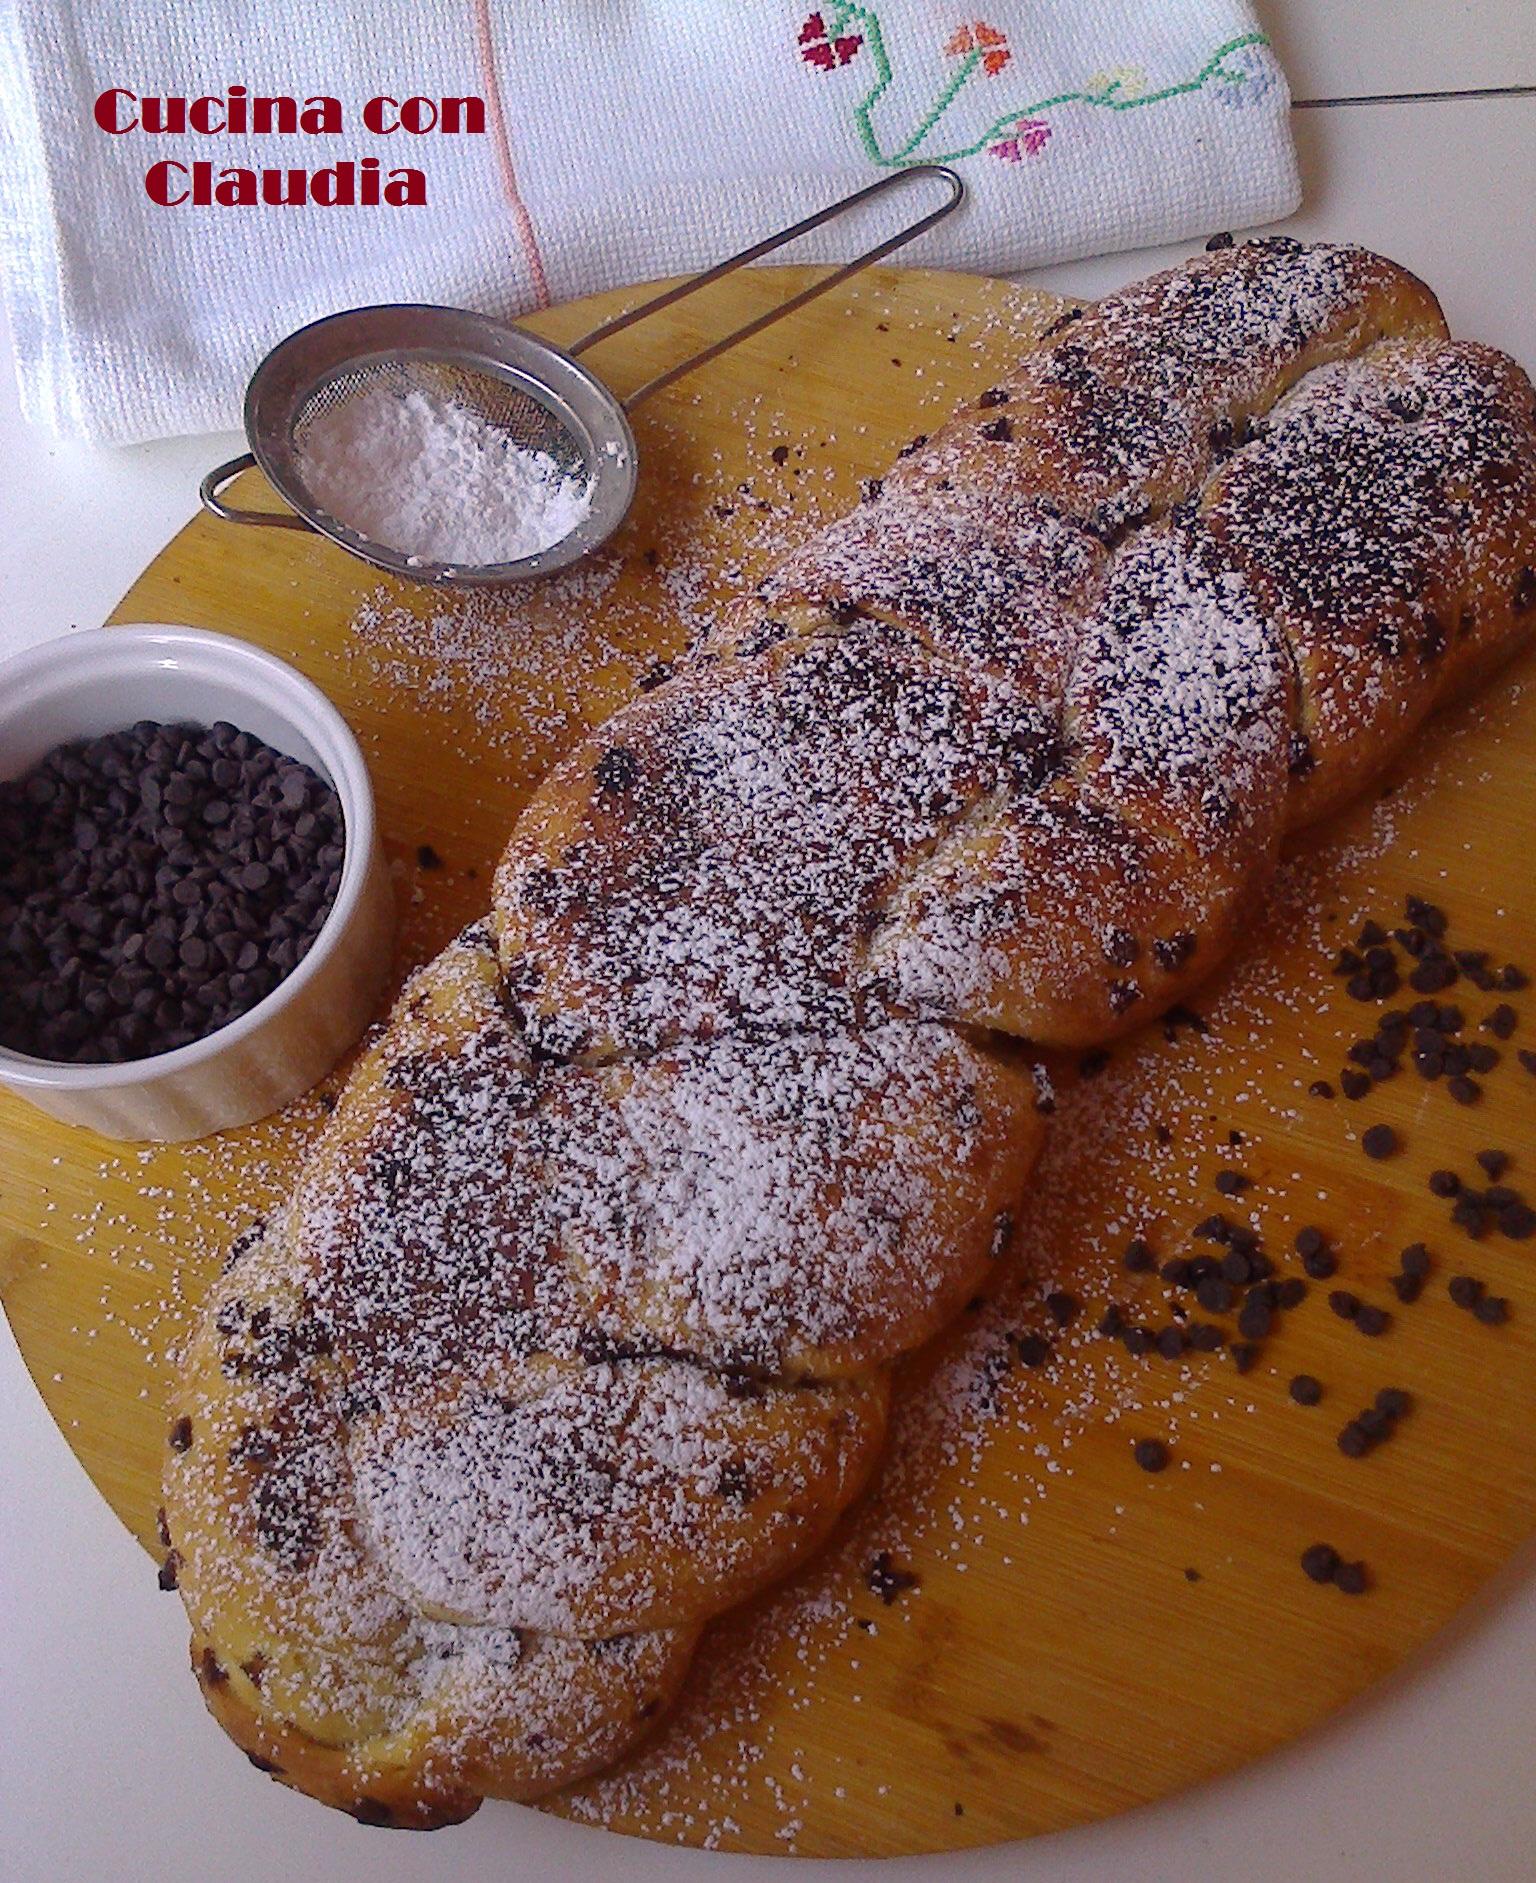 https://www.cucinaconclaudia.com/trenza-con-gotitas-de-chocolate/